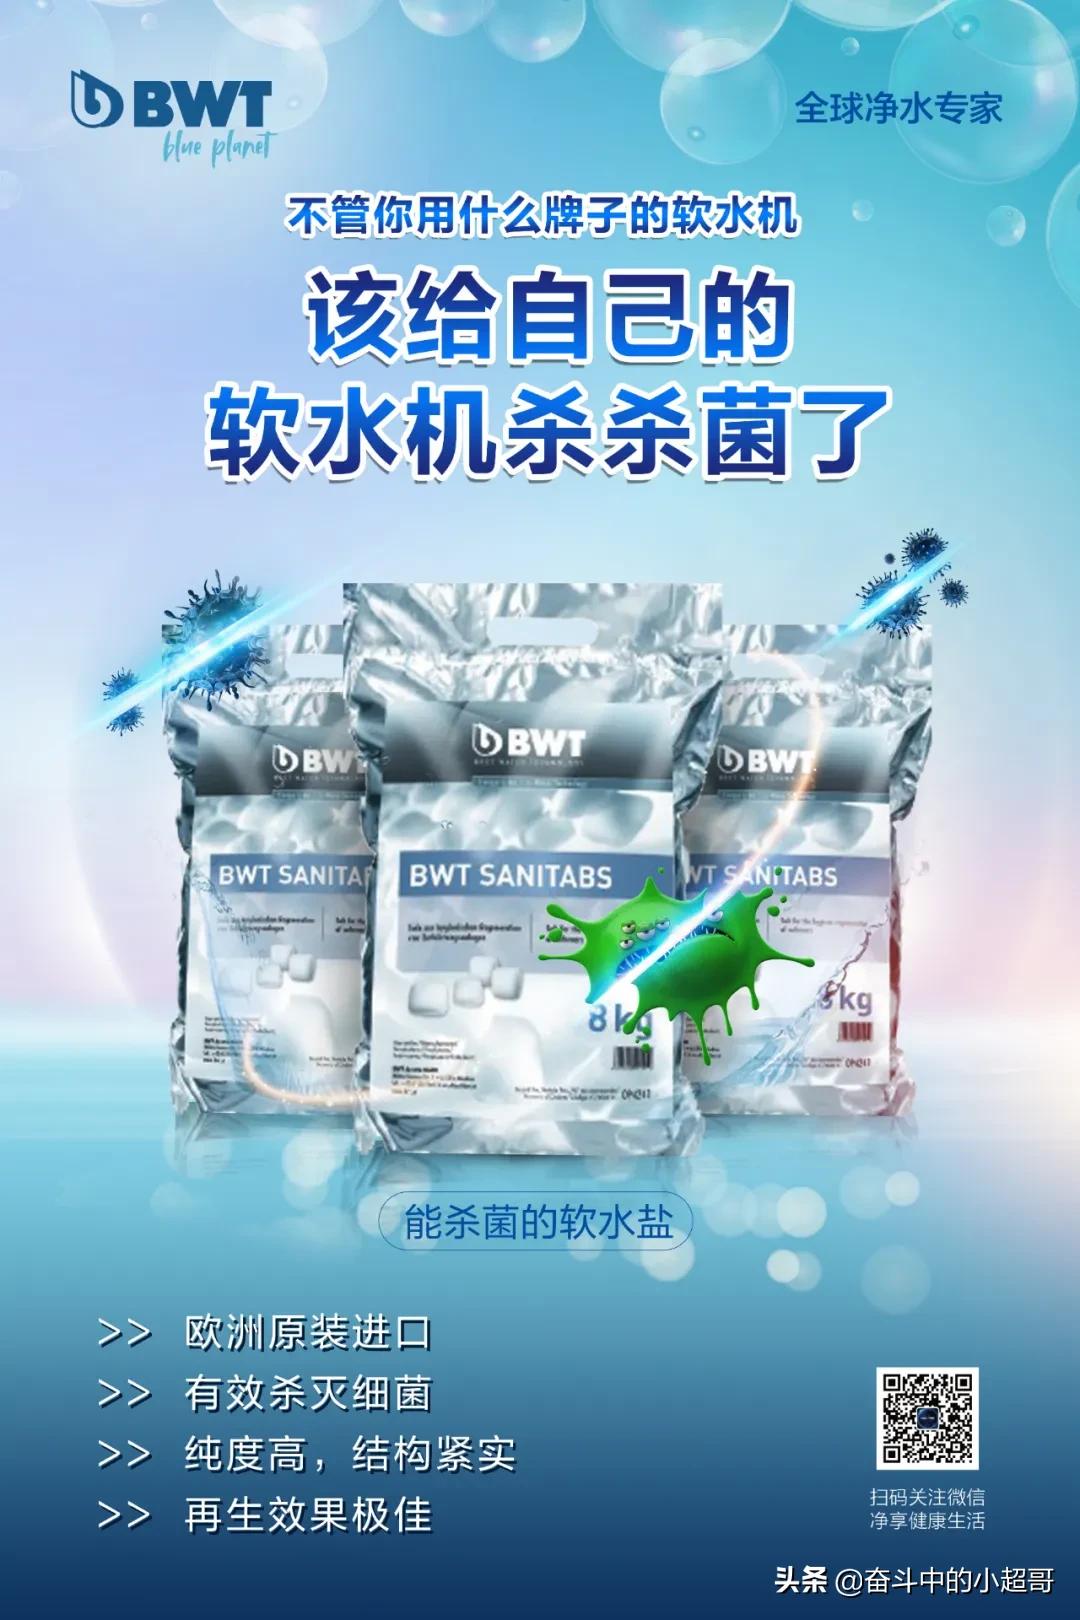 如何让家庭饮用水中的抗生素污染无处遁形?